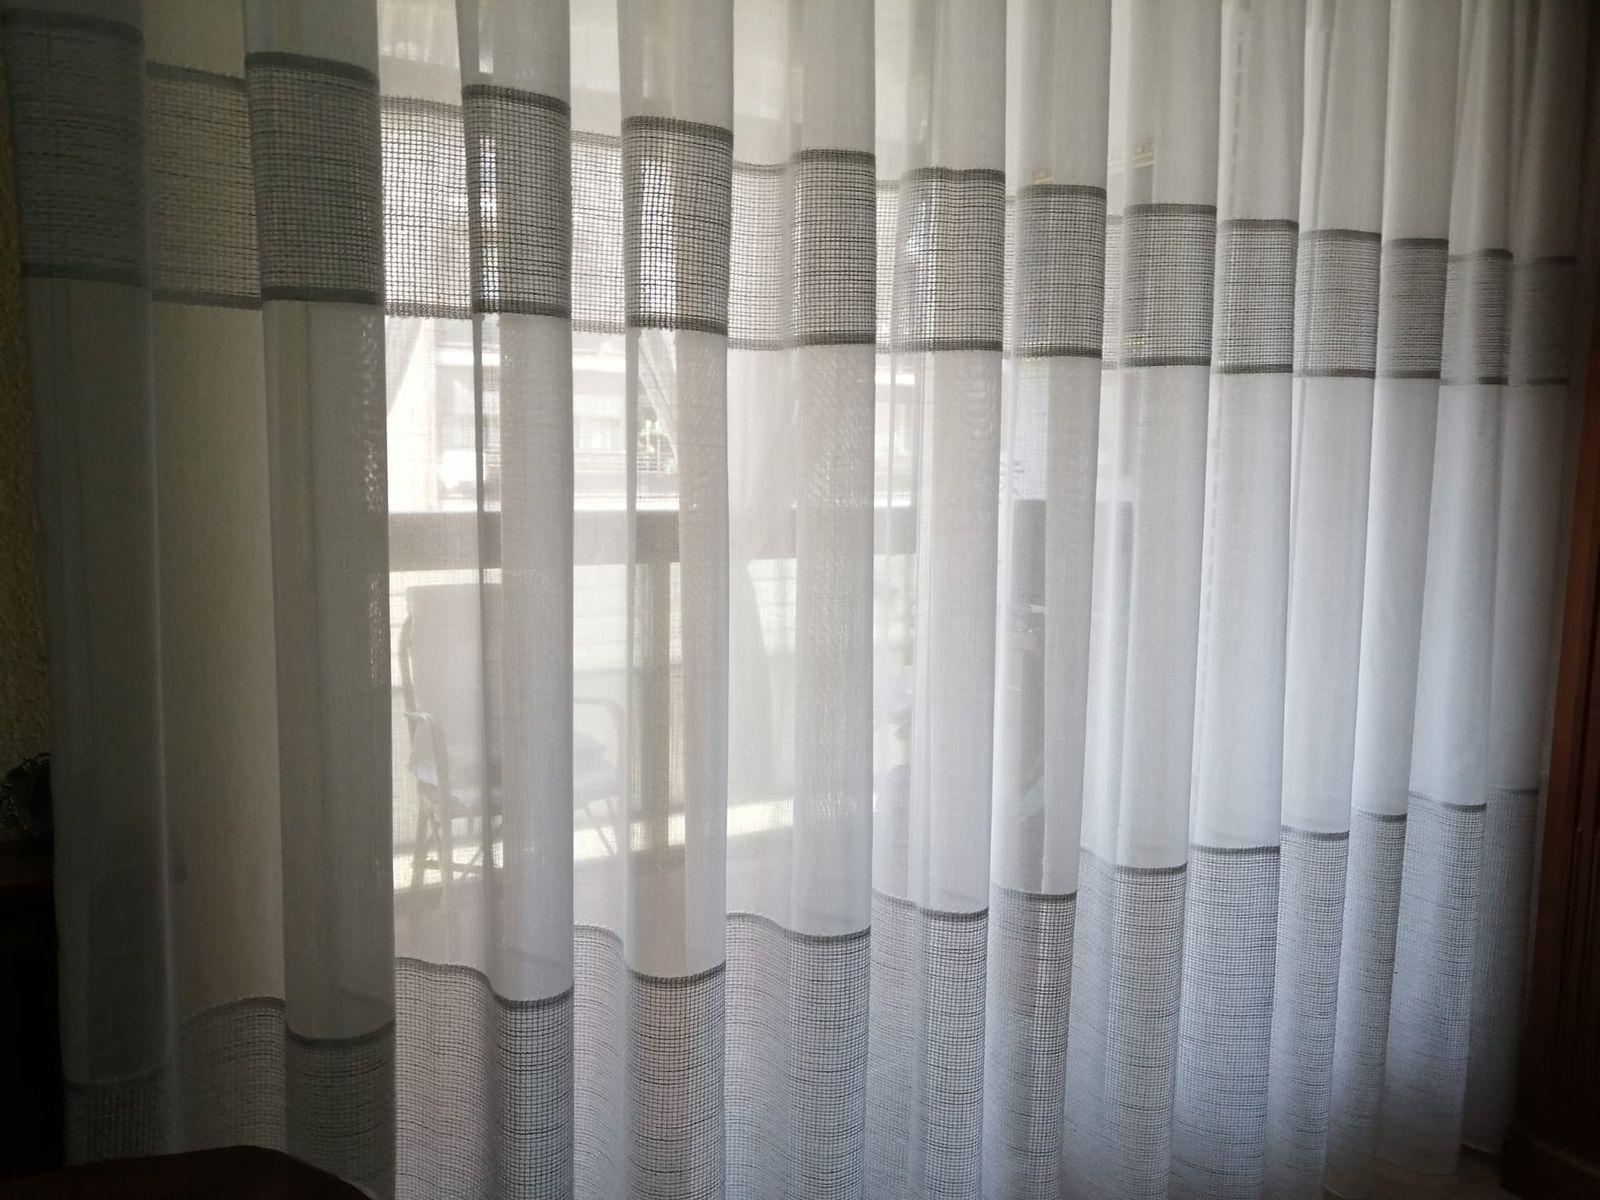 Comprar cortinas baratas Alcalá de Henares